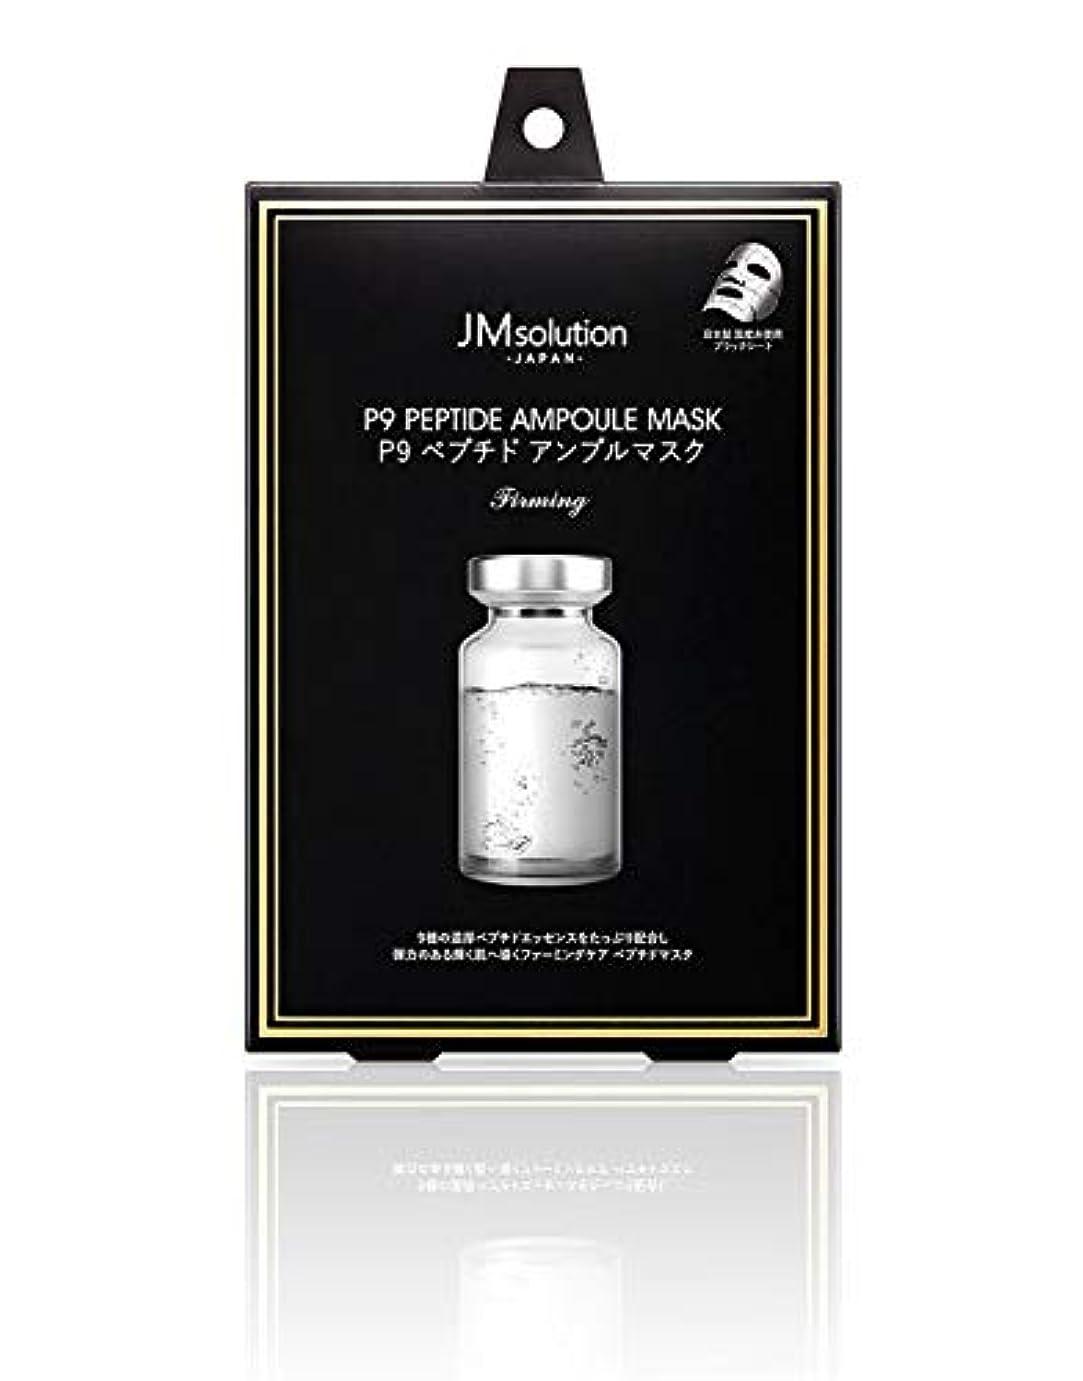 天国広告秘書JMsolution P9 ペプチド アンプルマスク ファーミング 30g×5枚(箱入り)